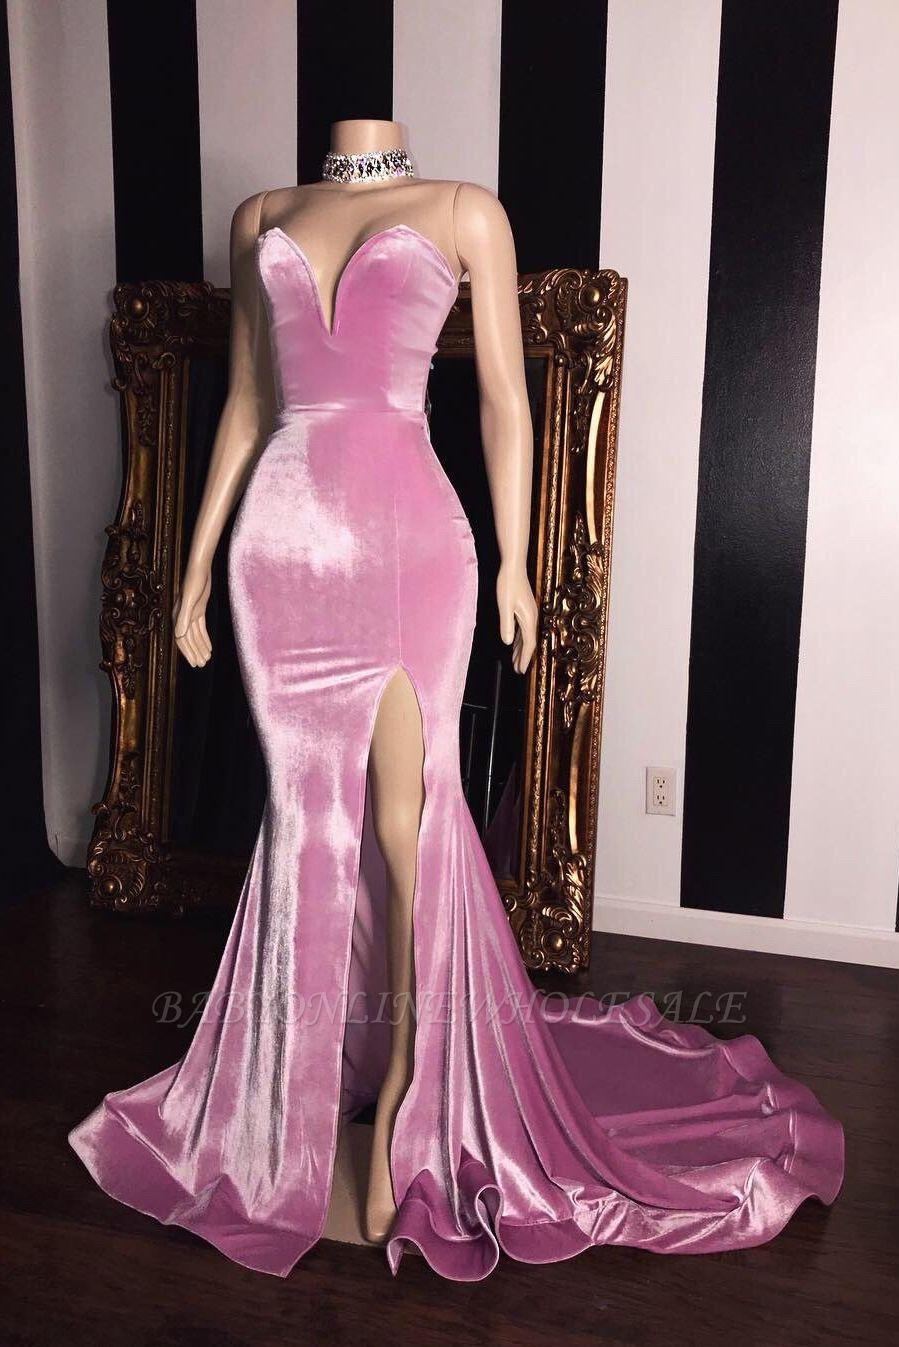 Vestidos de fiesta de novia de terciopelo rosa | Elegante Side Slit sirena largos vestidos de noche